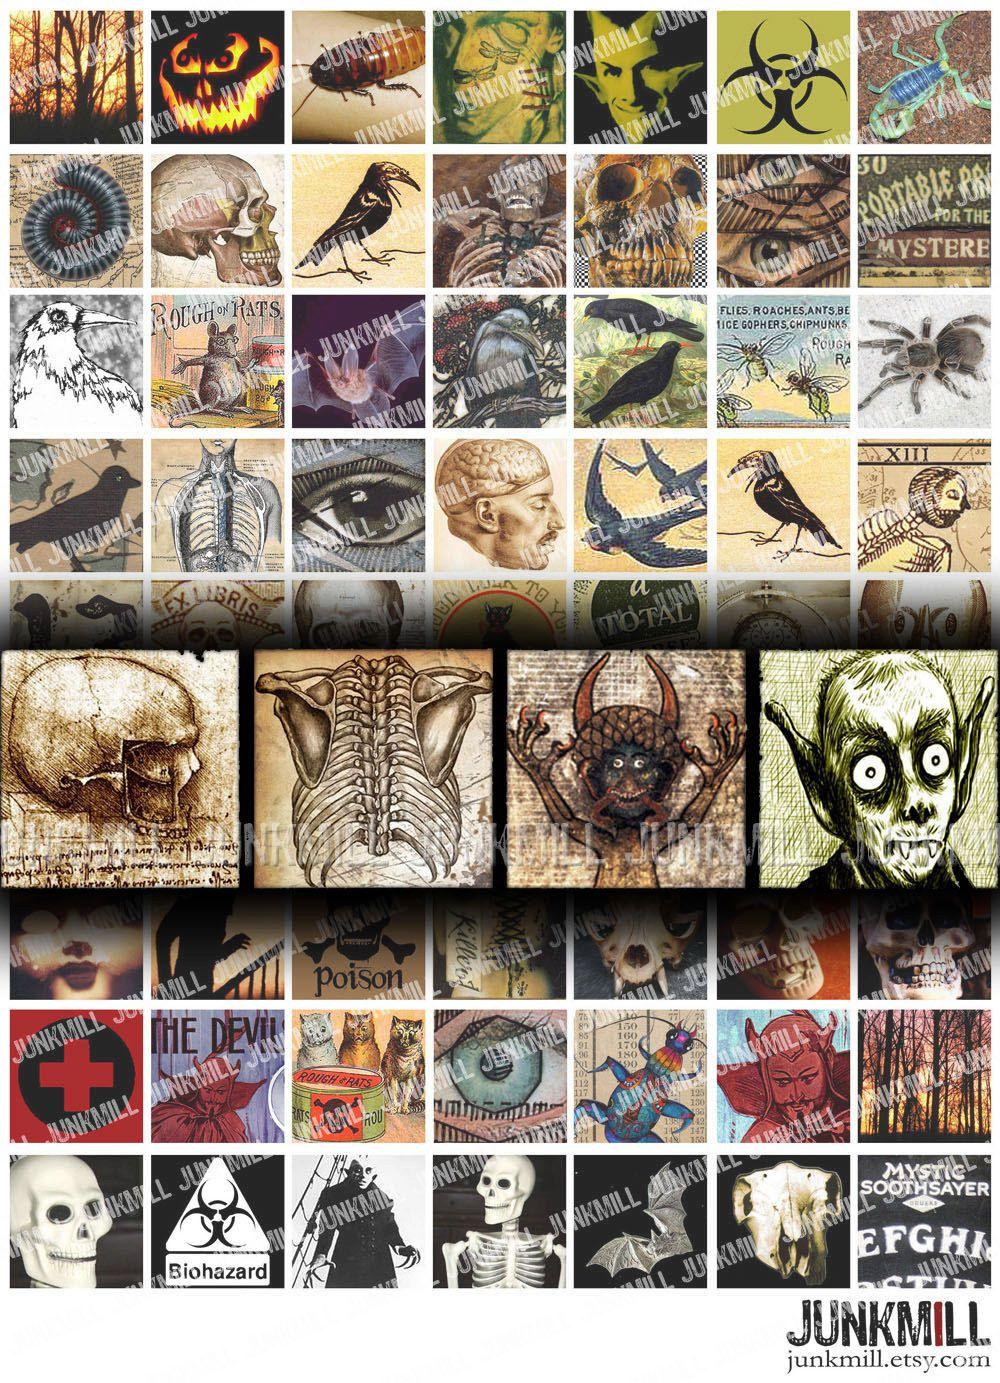 Instant Download Halloween Scrabble Tile Images Halloween Image Pendant Images Halloween Collage Sheet Scrabble Tile Collage Sheet